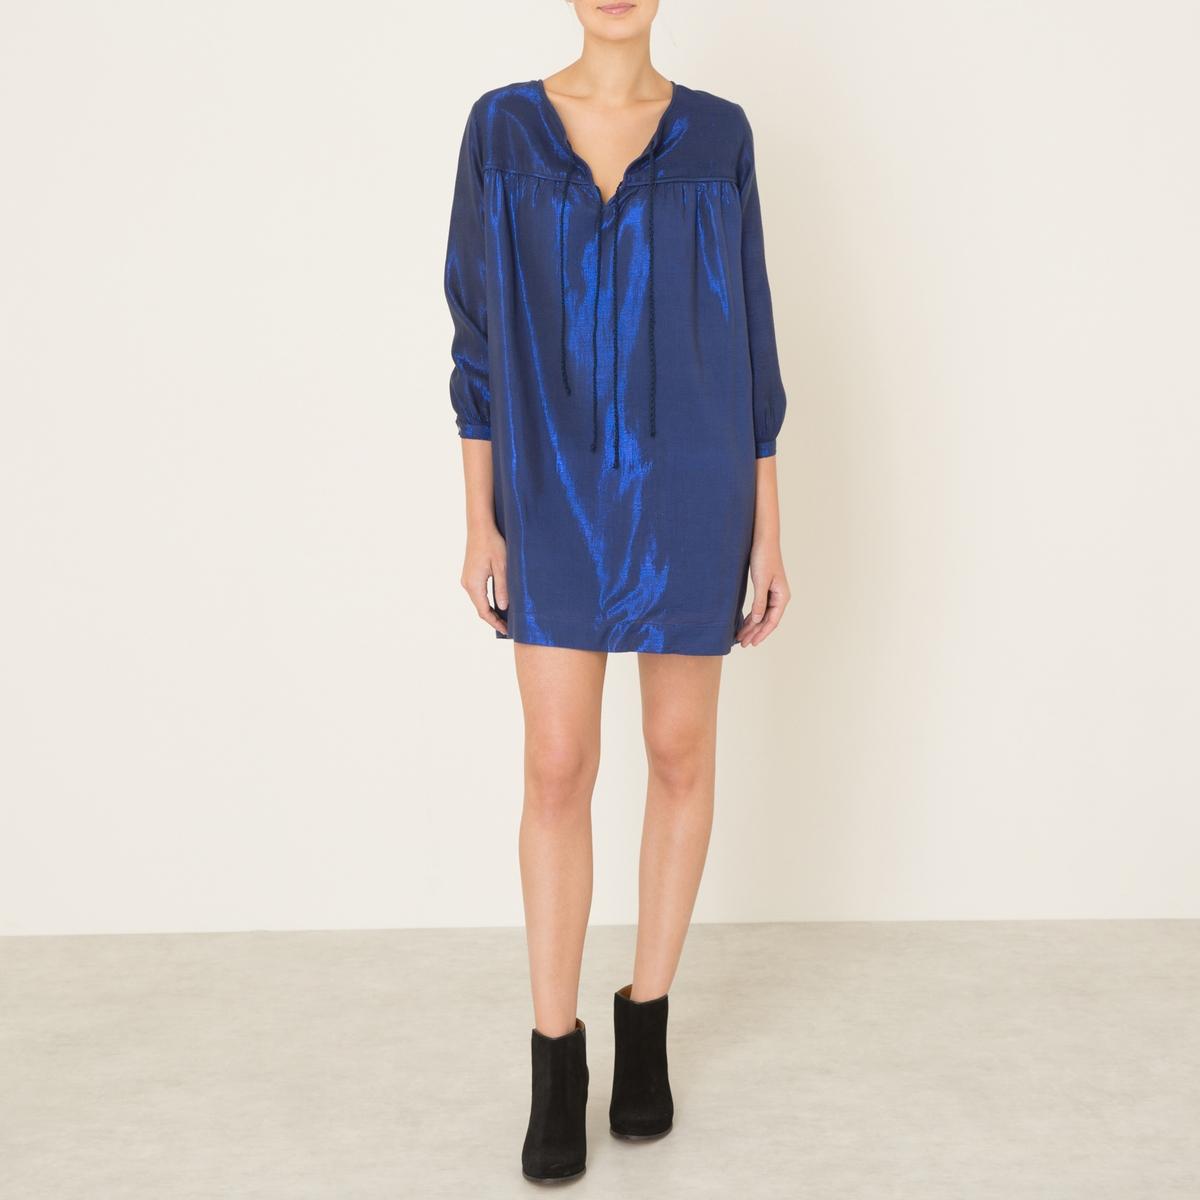 Платье VIOLETTEПлатье SOEUR - модель VIOLETTE. Вырез с разрезом на шнуровке. Складки под линией груди. Рукава 3/4.Состав и описание Материал : 70% хлопка, 30% люрексаМарка : SOEUR<br><br>Цвет: синий